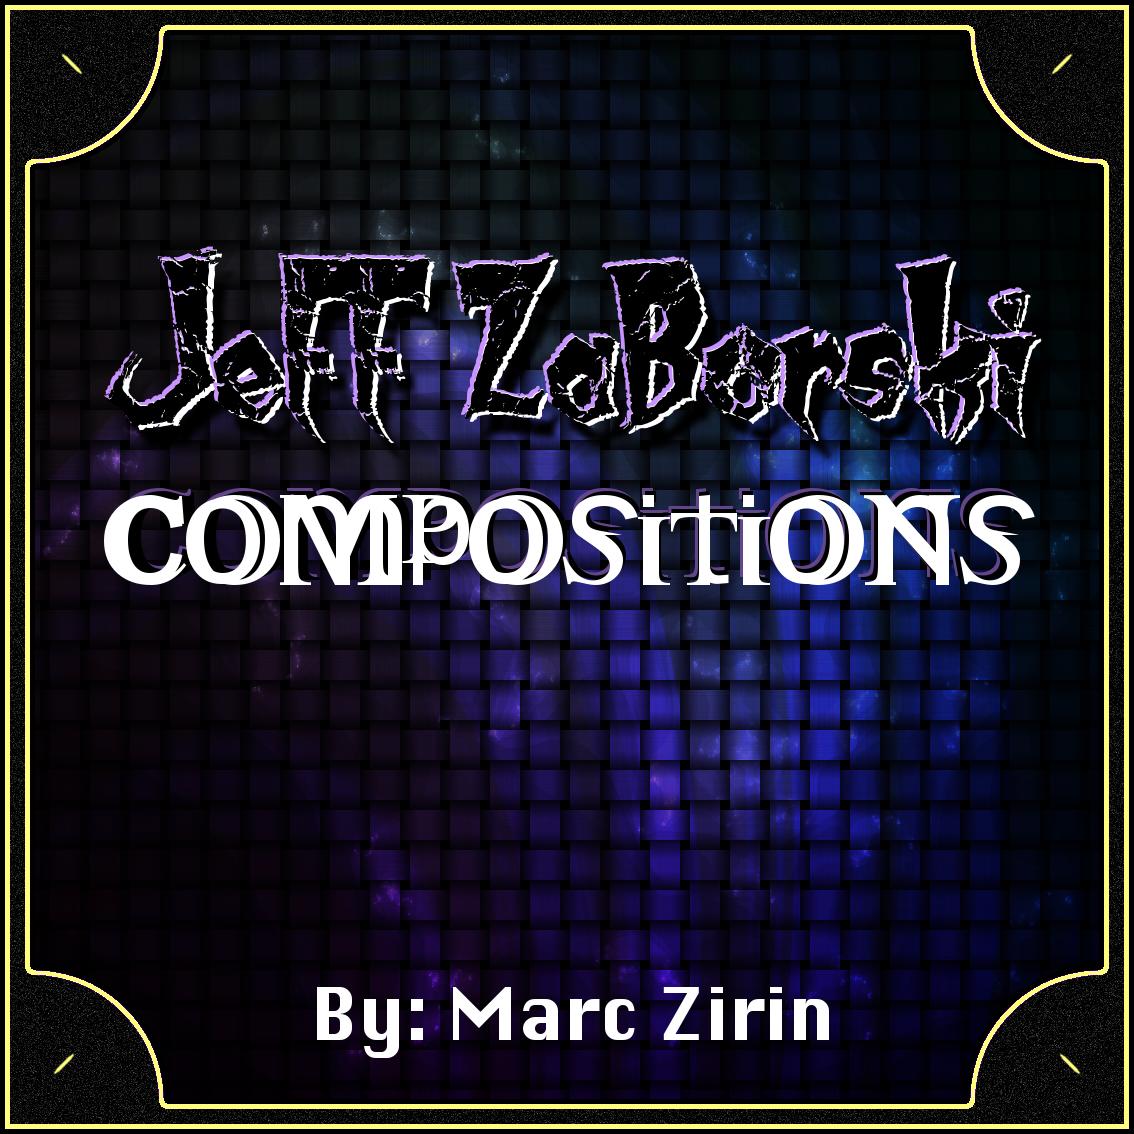 Jeff Zaborski by Marc Zirin